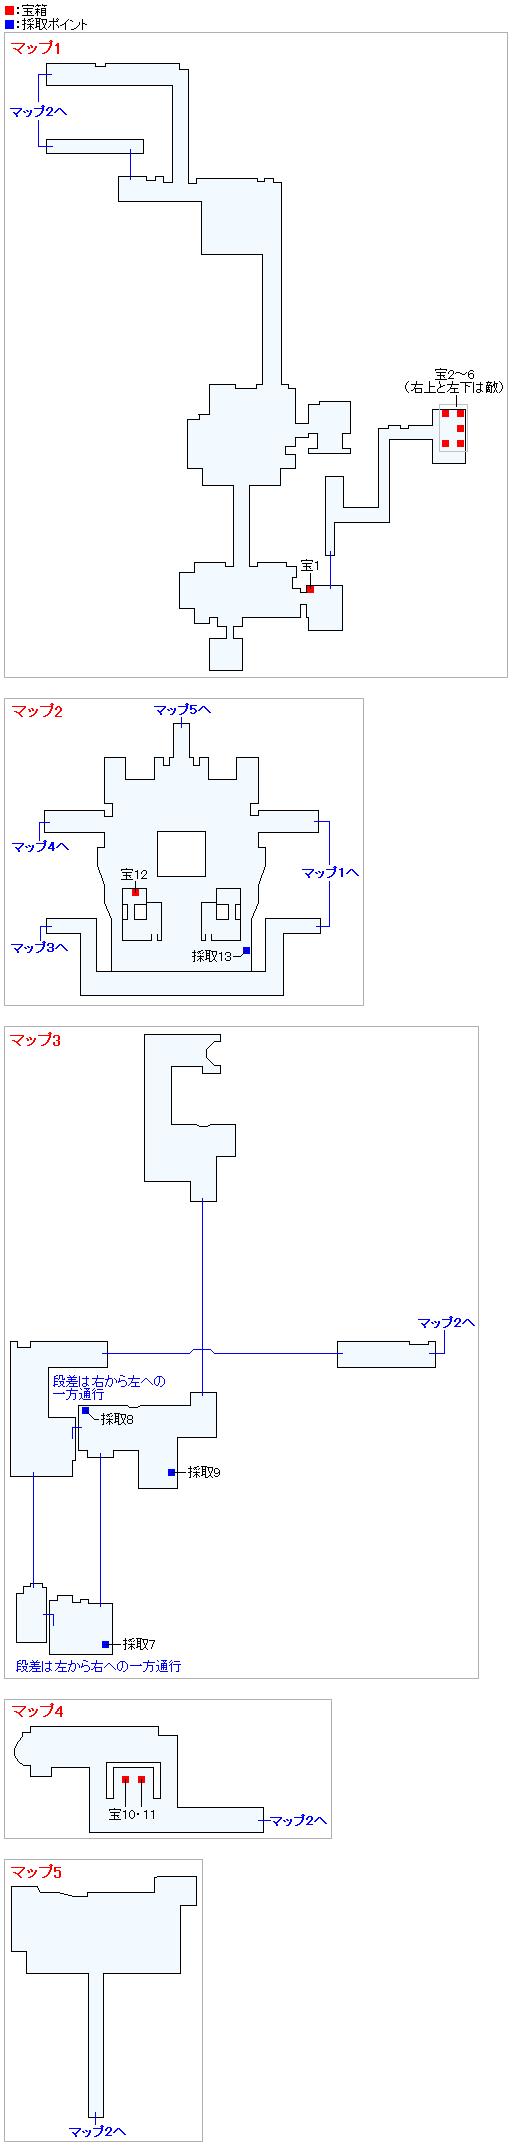 魔軍のアジト(2Dモード)のマップ画像